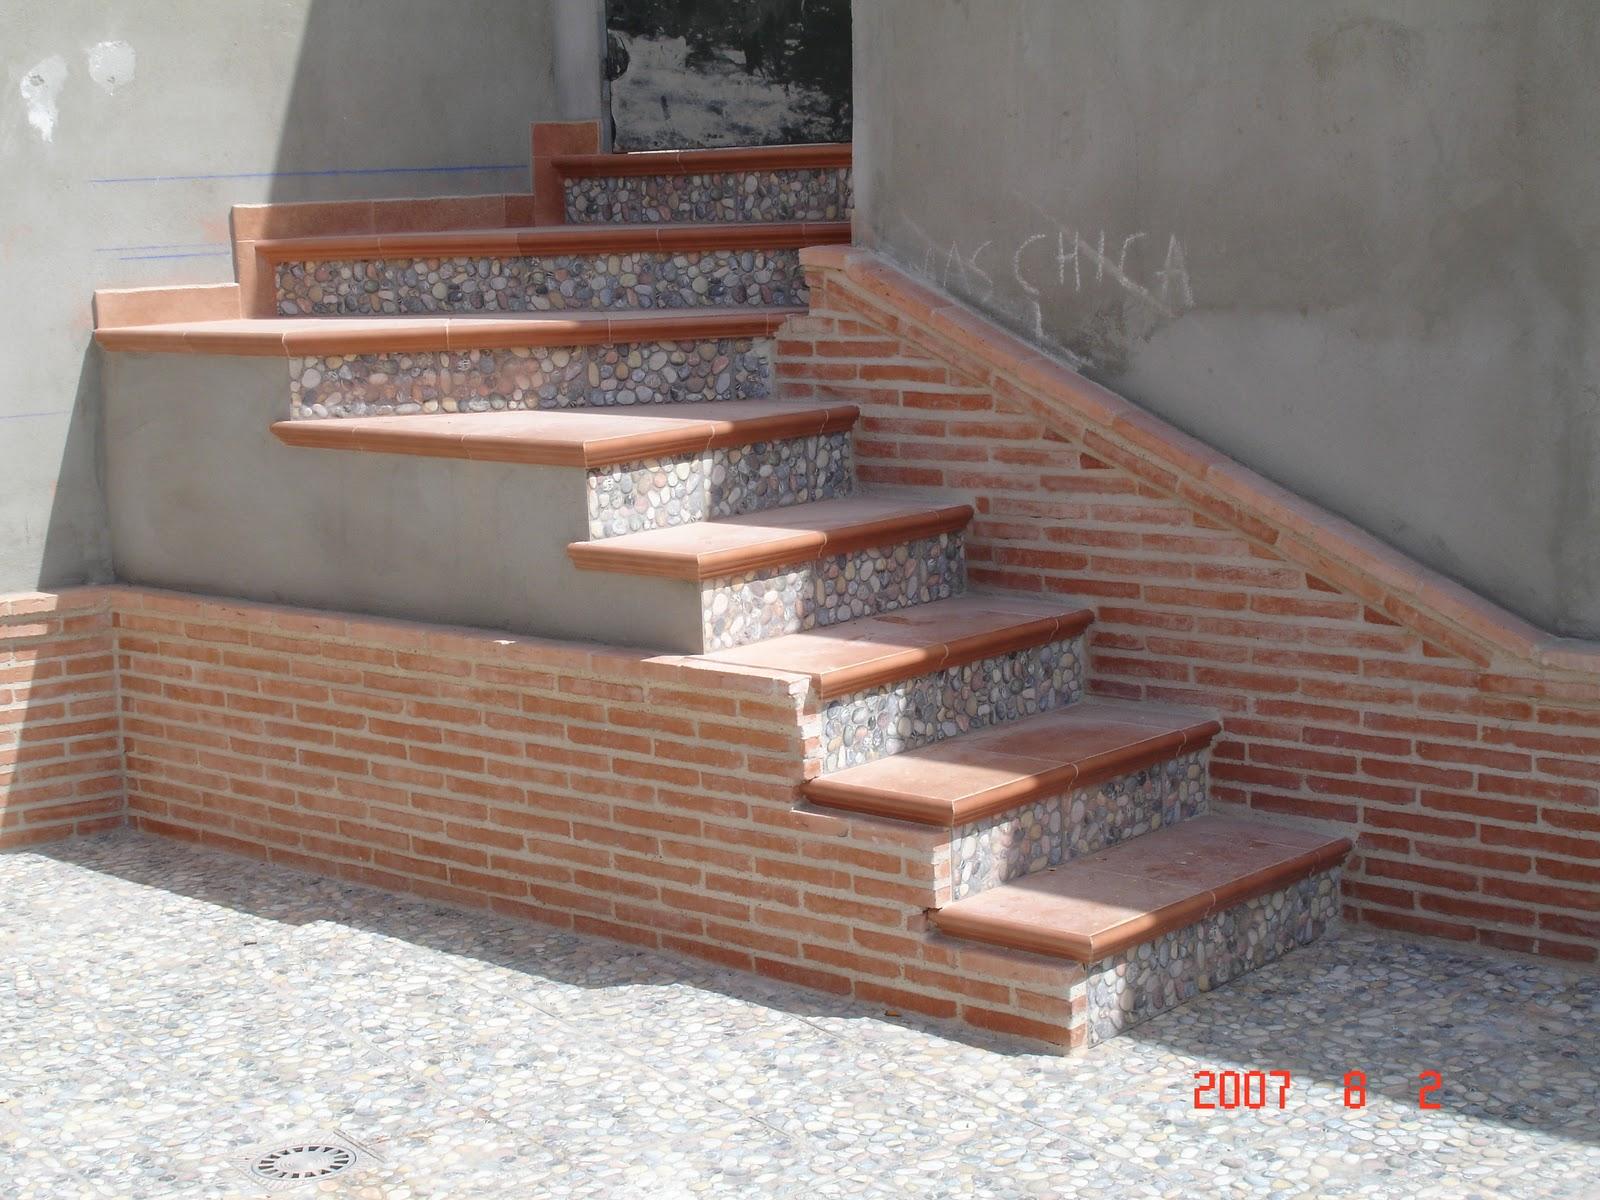 Blog de diegovanbasten - Escaleras de ladrillo ...